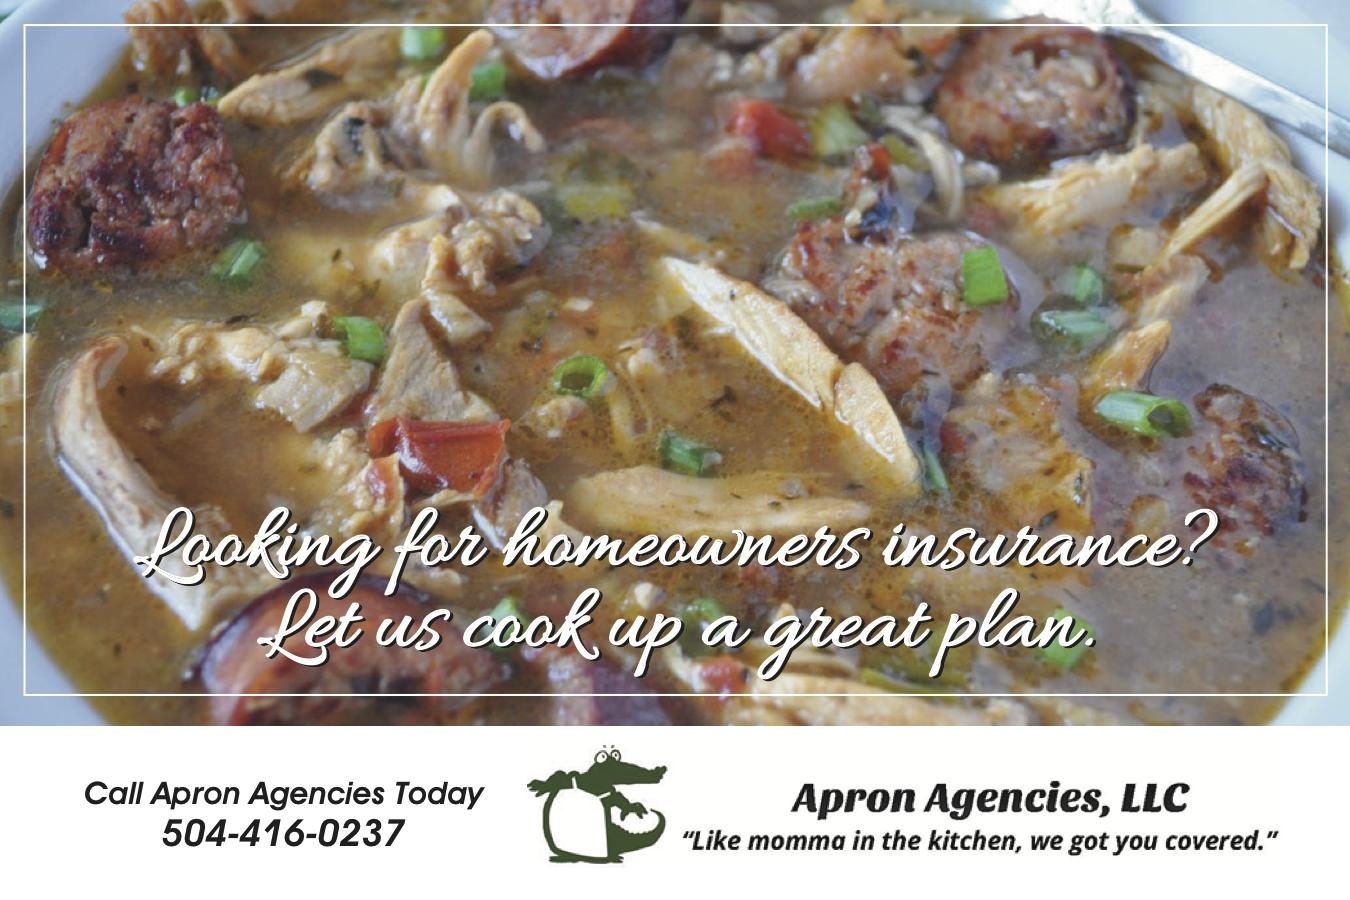 ApronAgencies-Recipes.png